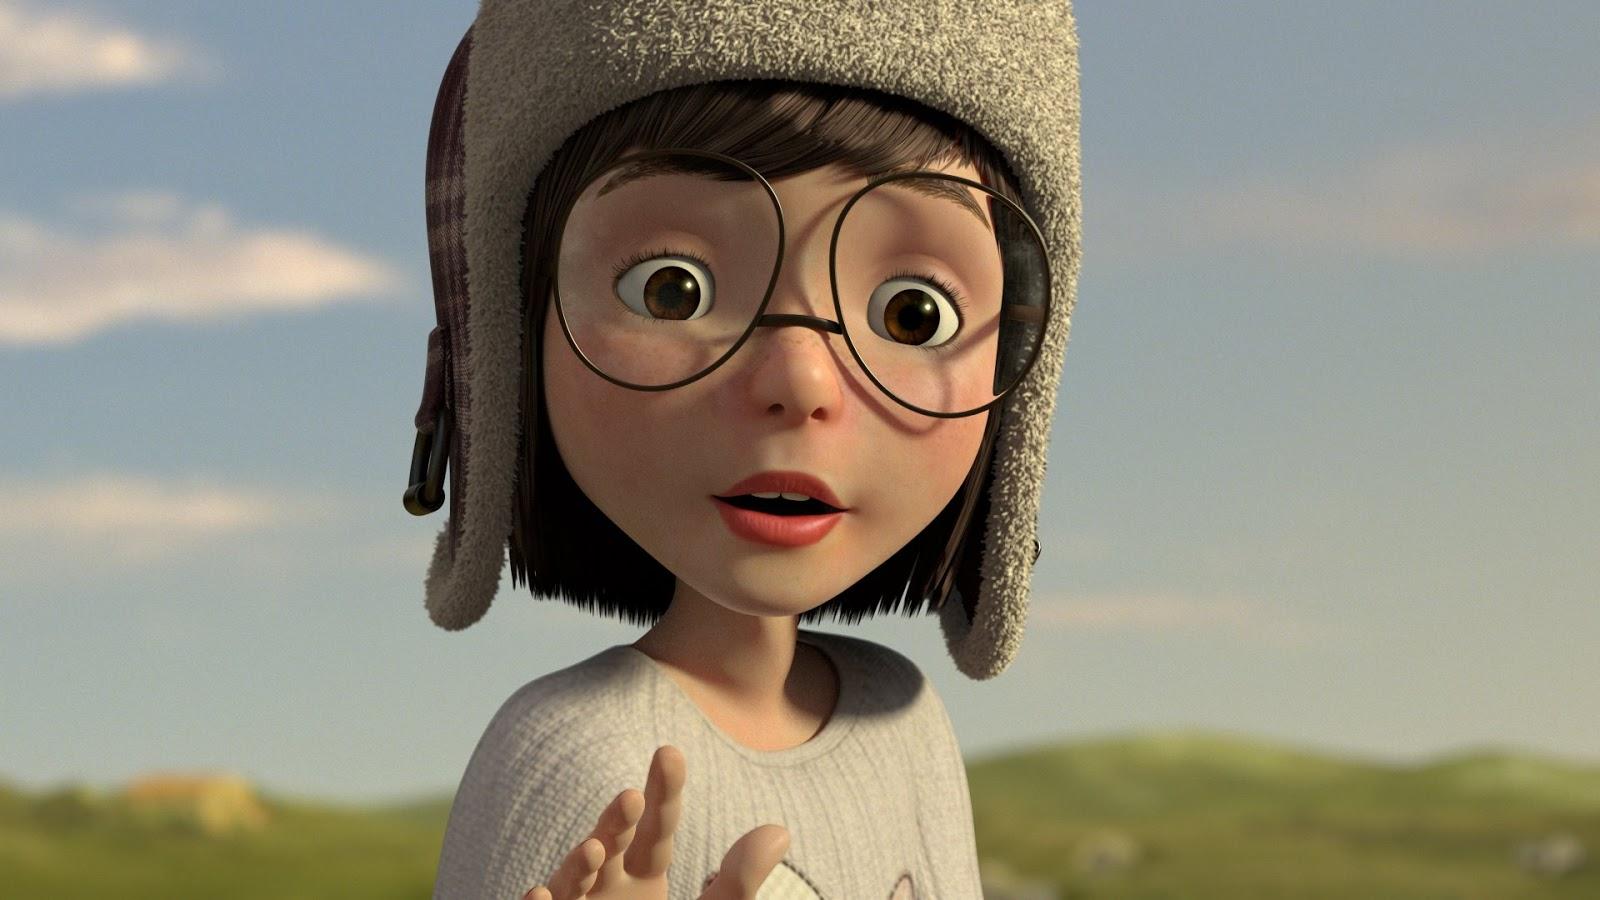 Soar - Cortometraje de animación premiado en los Oscar estudiantiles